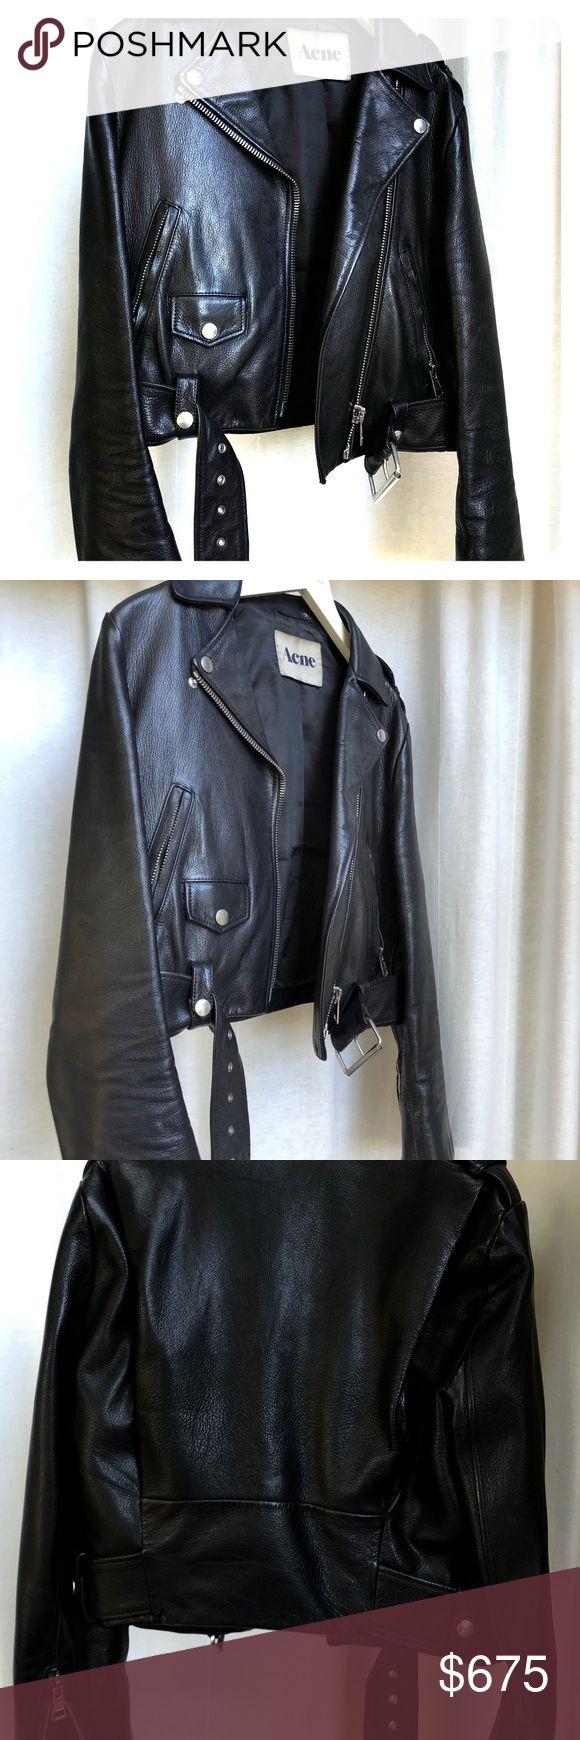 Acne mock size 36 leather jacket black Leather jacket